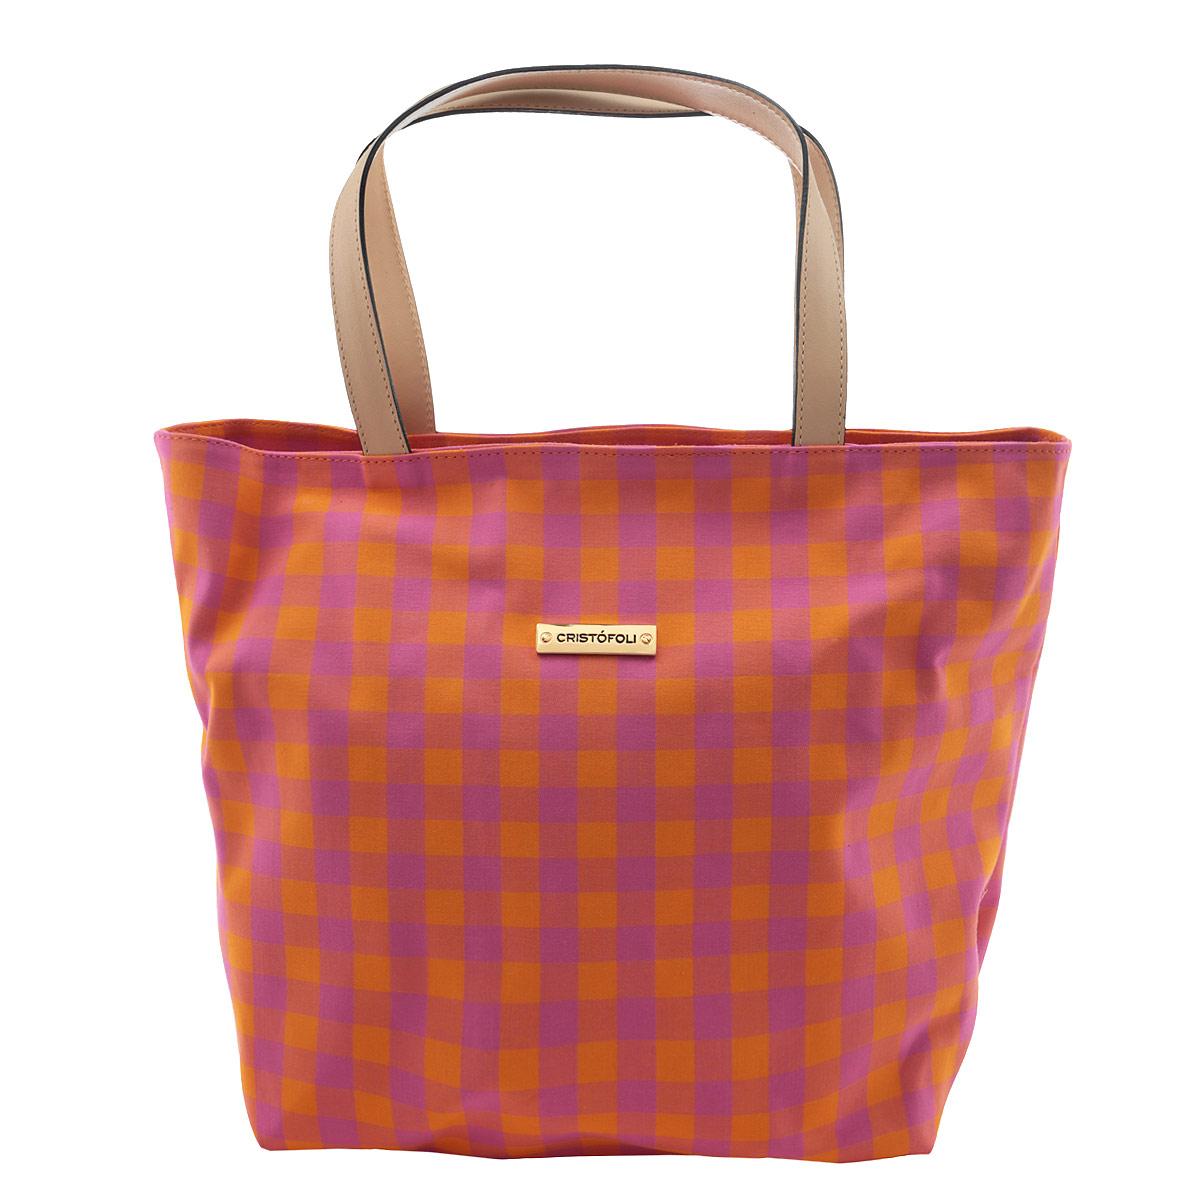 Сумка женская Cristofoli, цвет: оранжевый, розовый. 215001118-1249Изысканная женская сумка Cristofoli выполнена из высококачественного текстиля. Сумка закрывается на металлическую застежку-молнию. Внутри - большое отделение и открытый накладной карман для мелочей.Эта оригинальная сумка внесет элегантные нотки в ваш образ и подчеркнет ваше отменное чувство стиля.